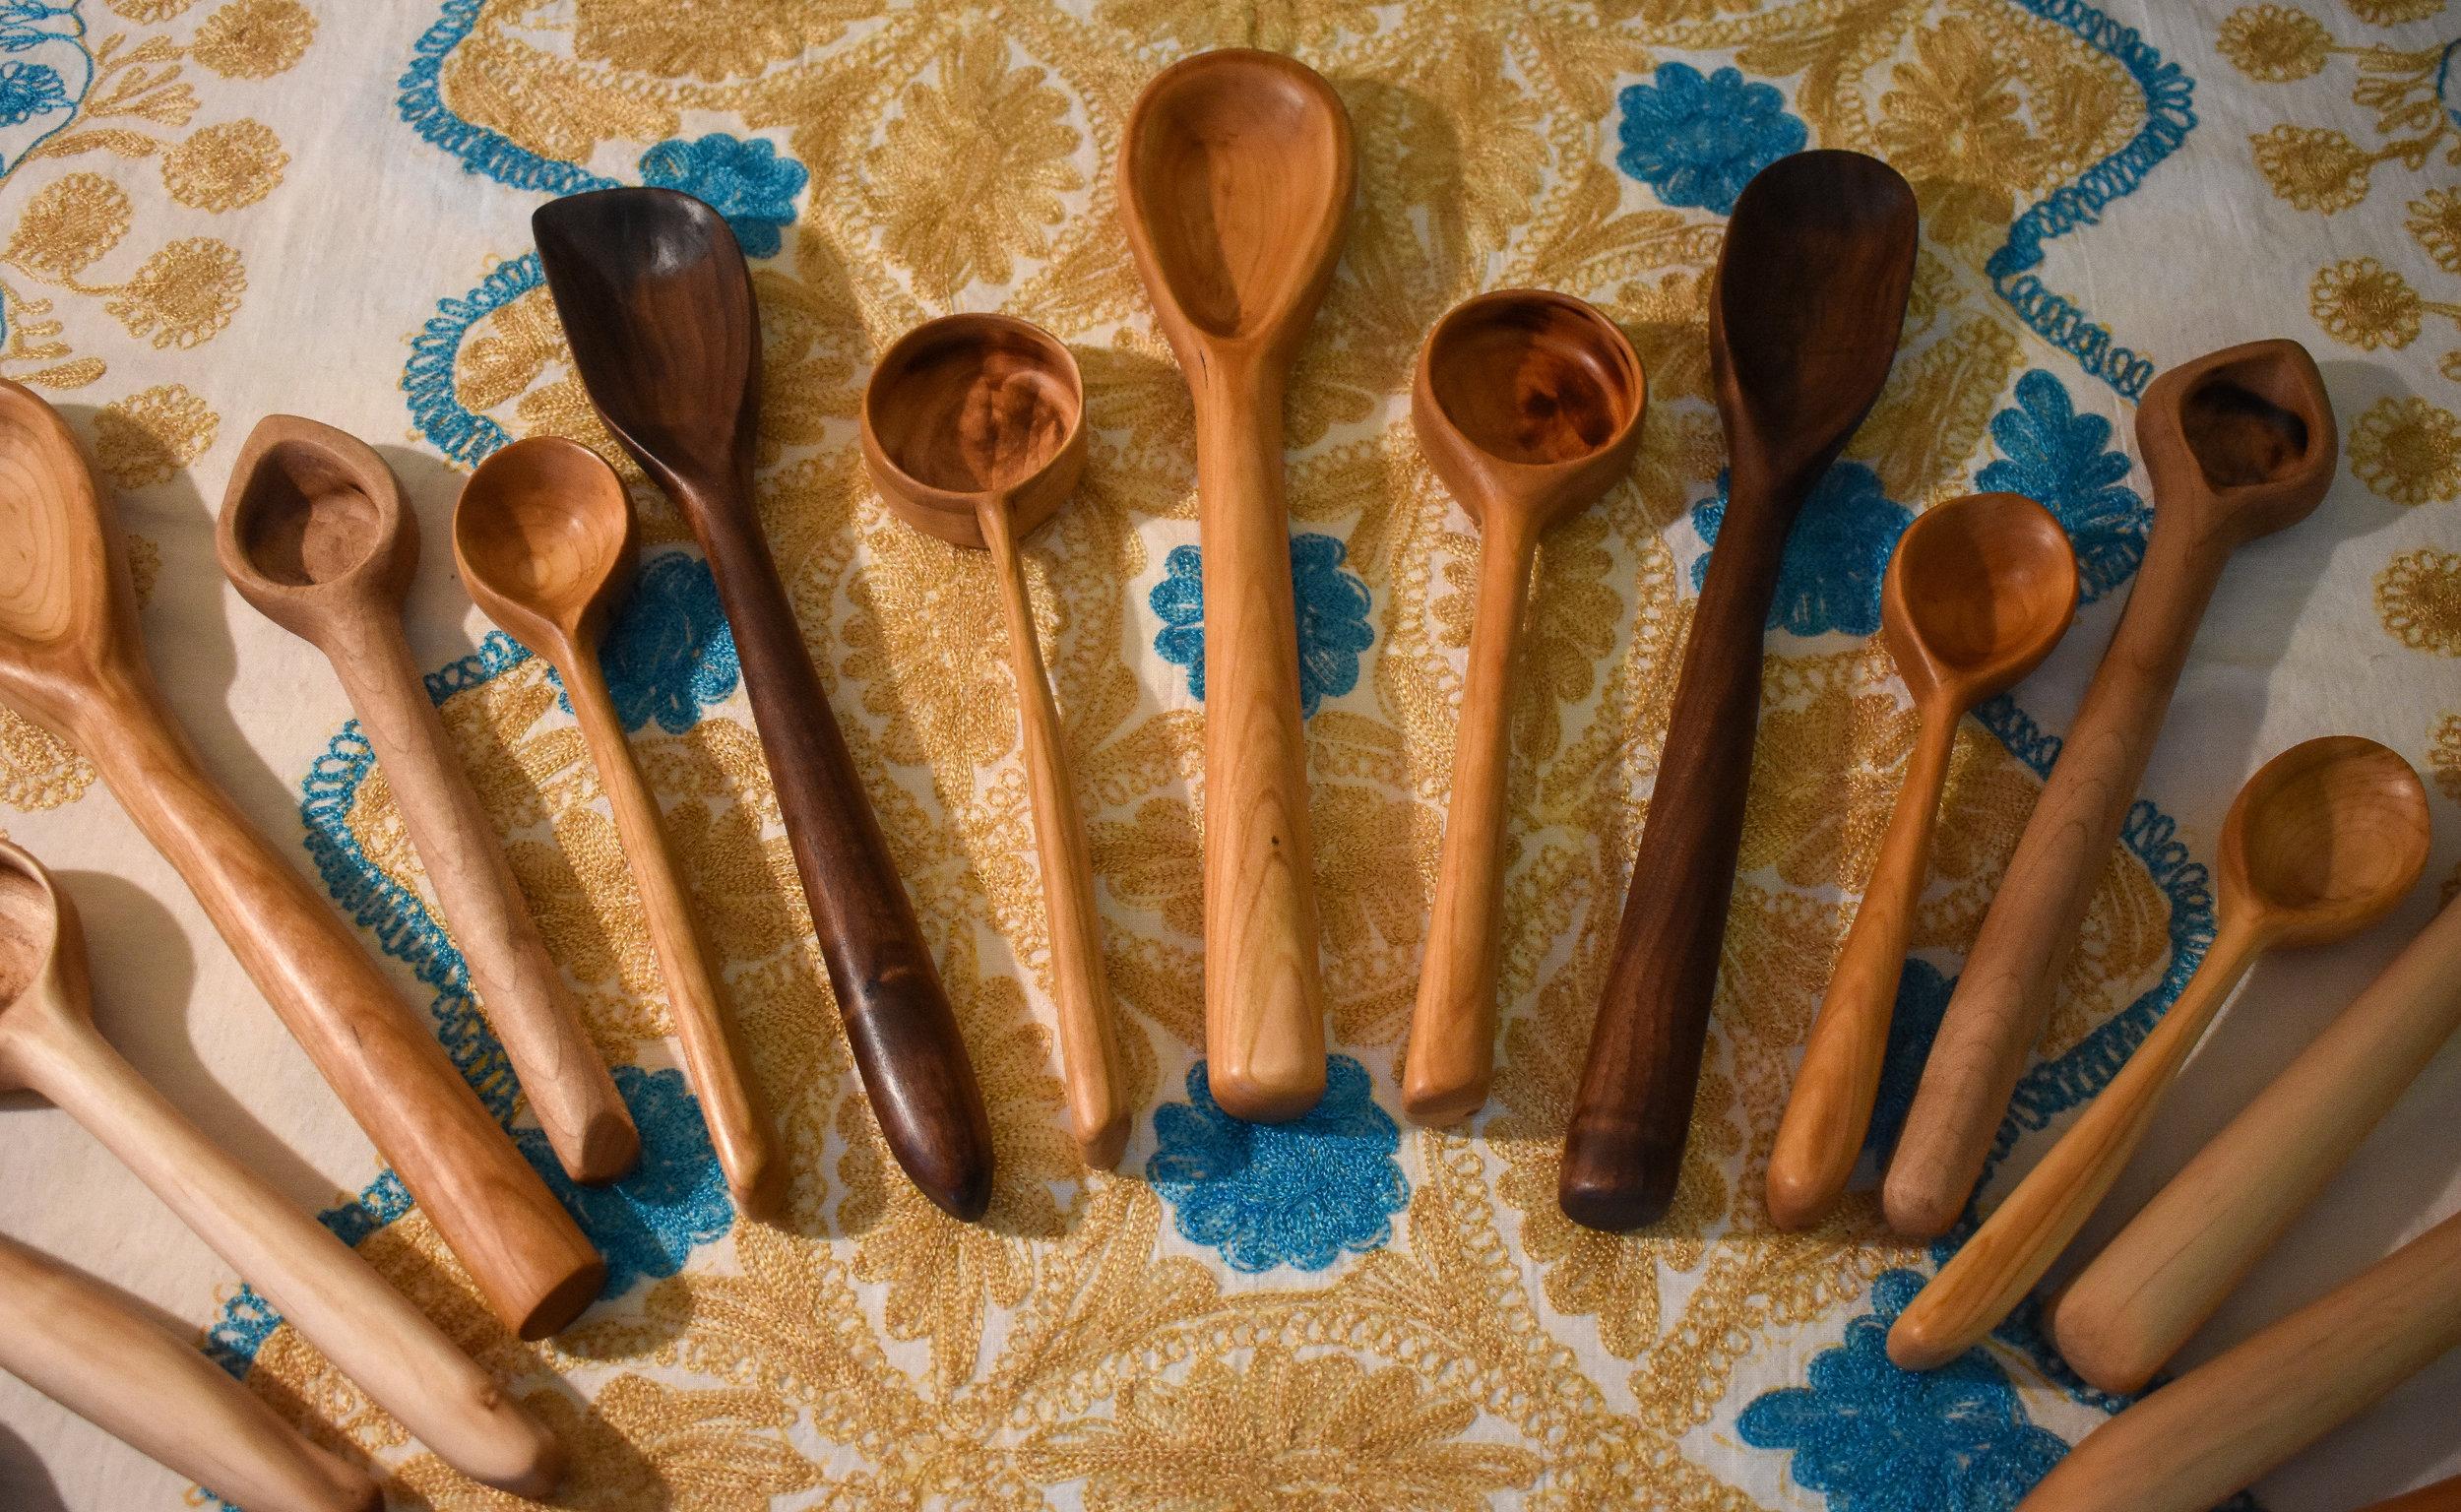 Spoons 9.jpg